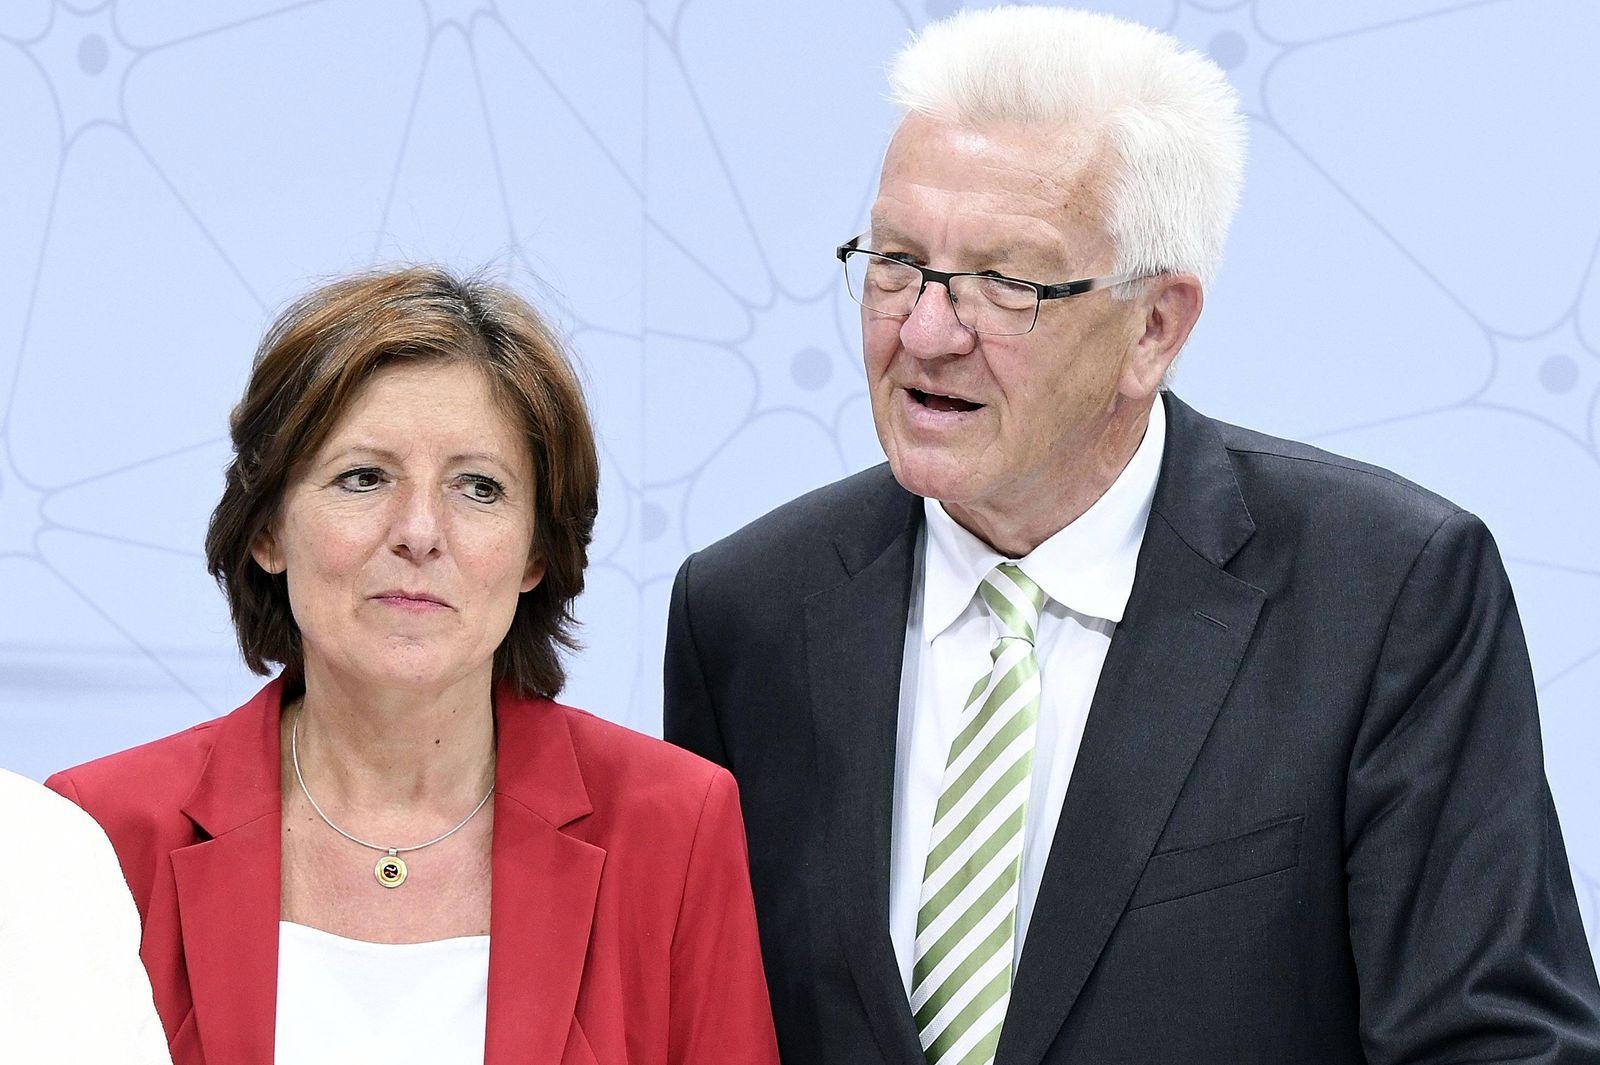 Angela Merkel, Malu Dreyer und Winfried Kretschmann beim Digital Gipfel 2017 im Pfalzbau. Ludwigshafen, 13.06.2017 Foto